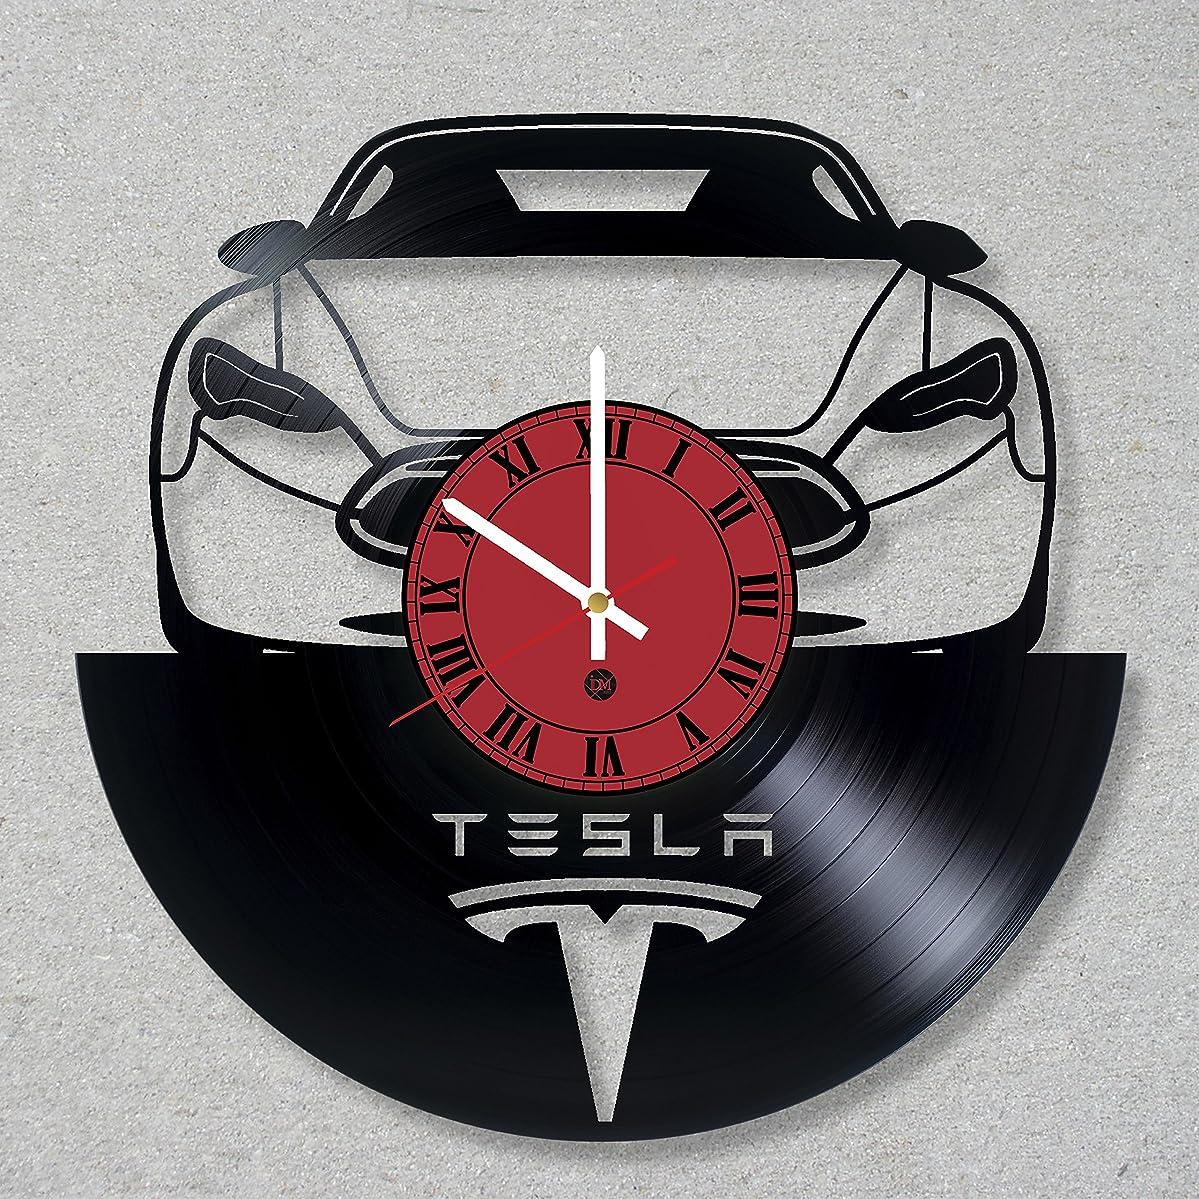 Vinyl Record Wall Clock Elon Musk Tesla Neuralink SpaceX decor unique gift ideas for friends him her boys girls World Art Design